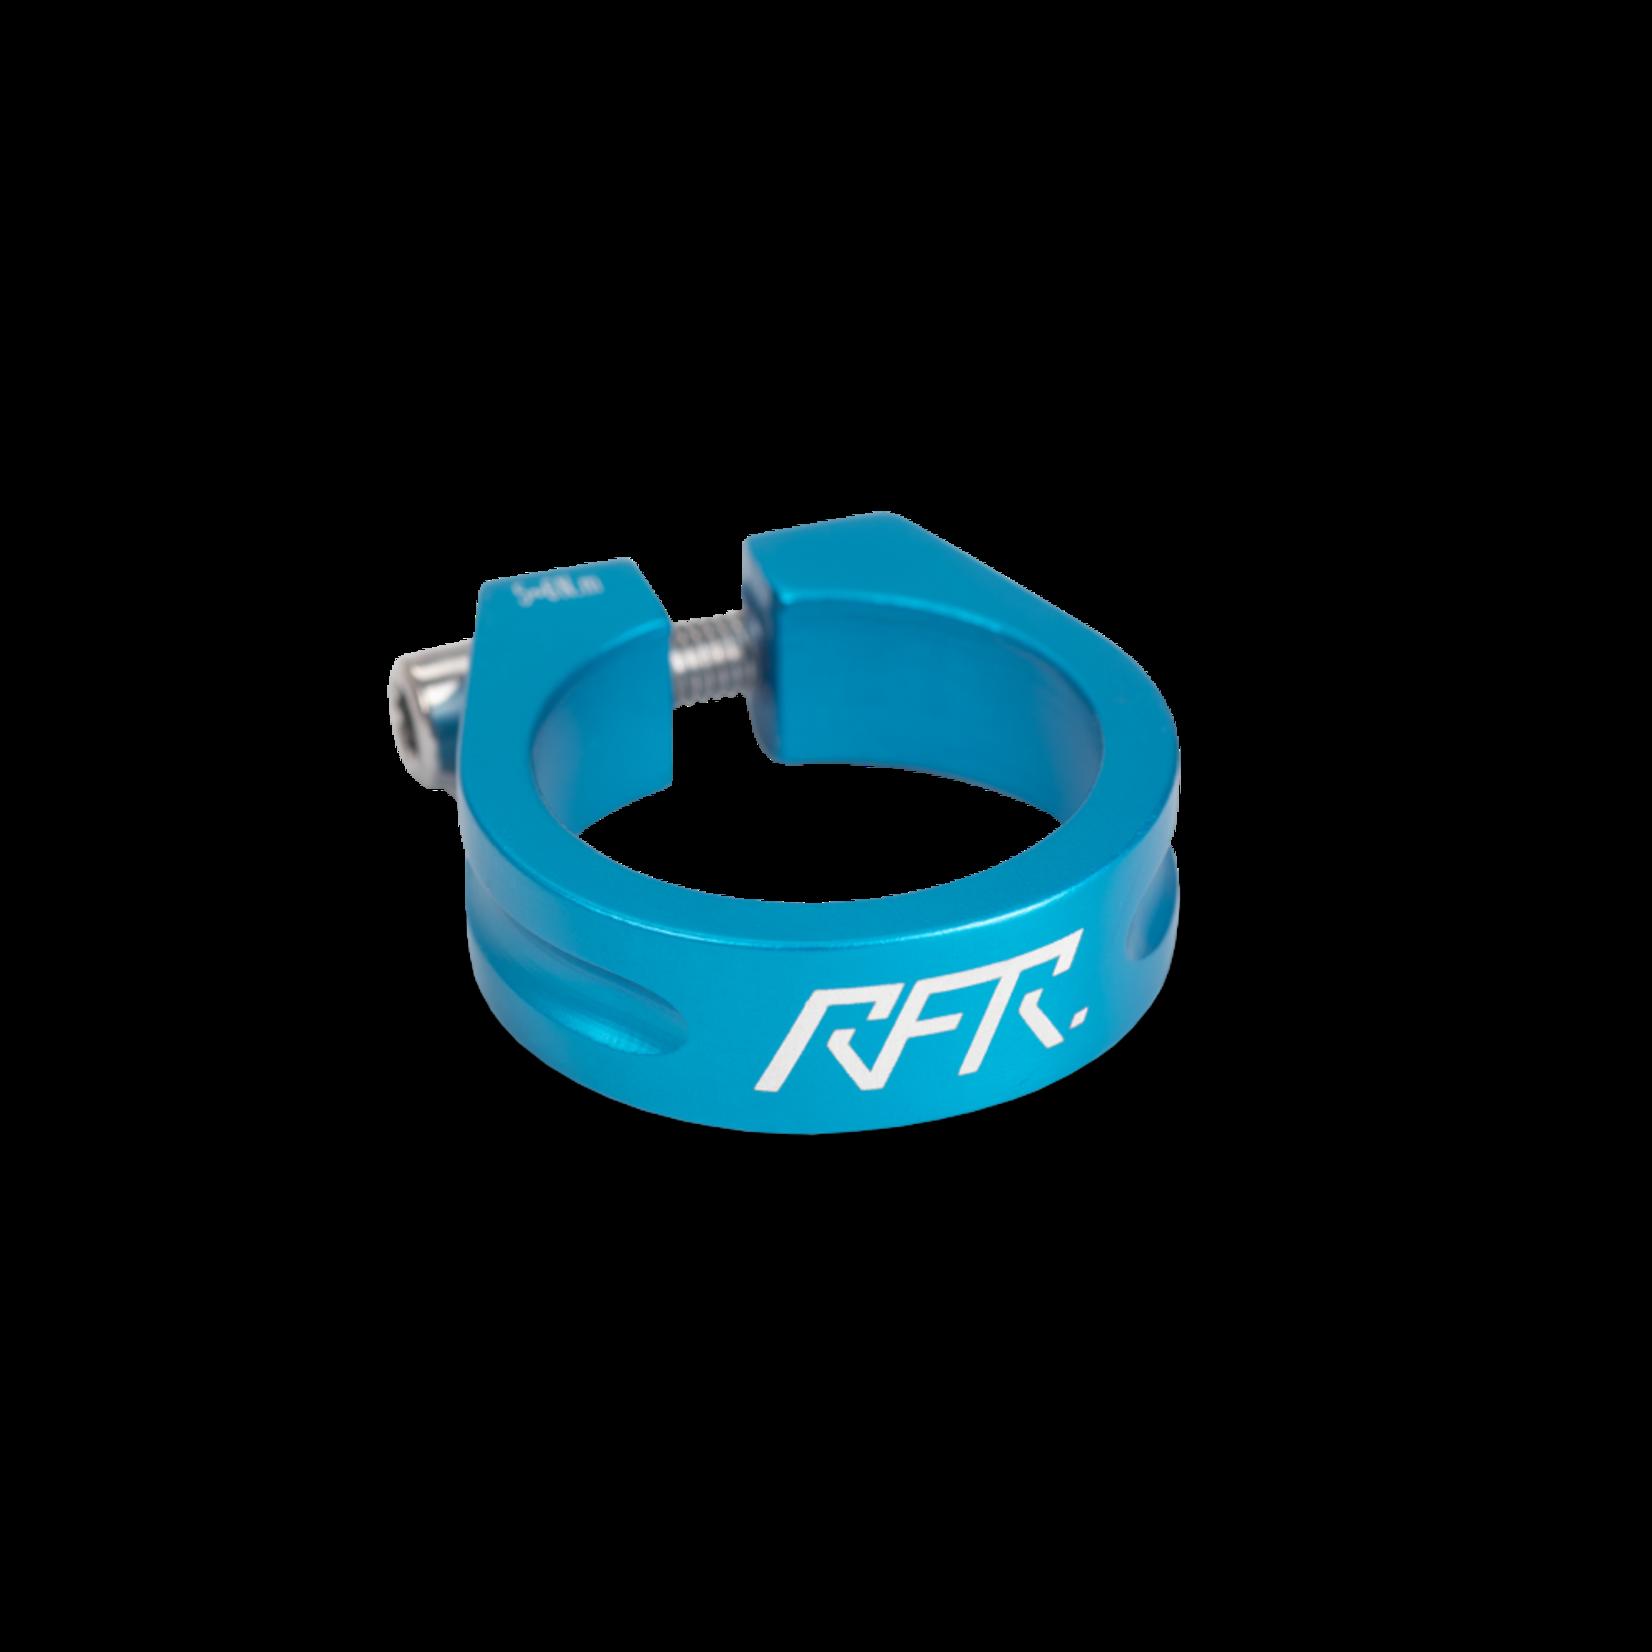 RFR Cube - Collarino Reggisella 34,9 Azzurro